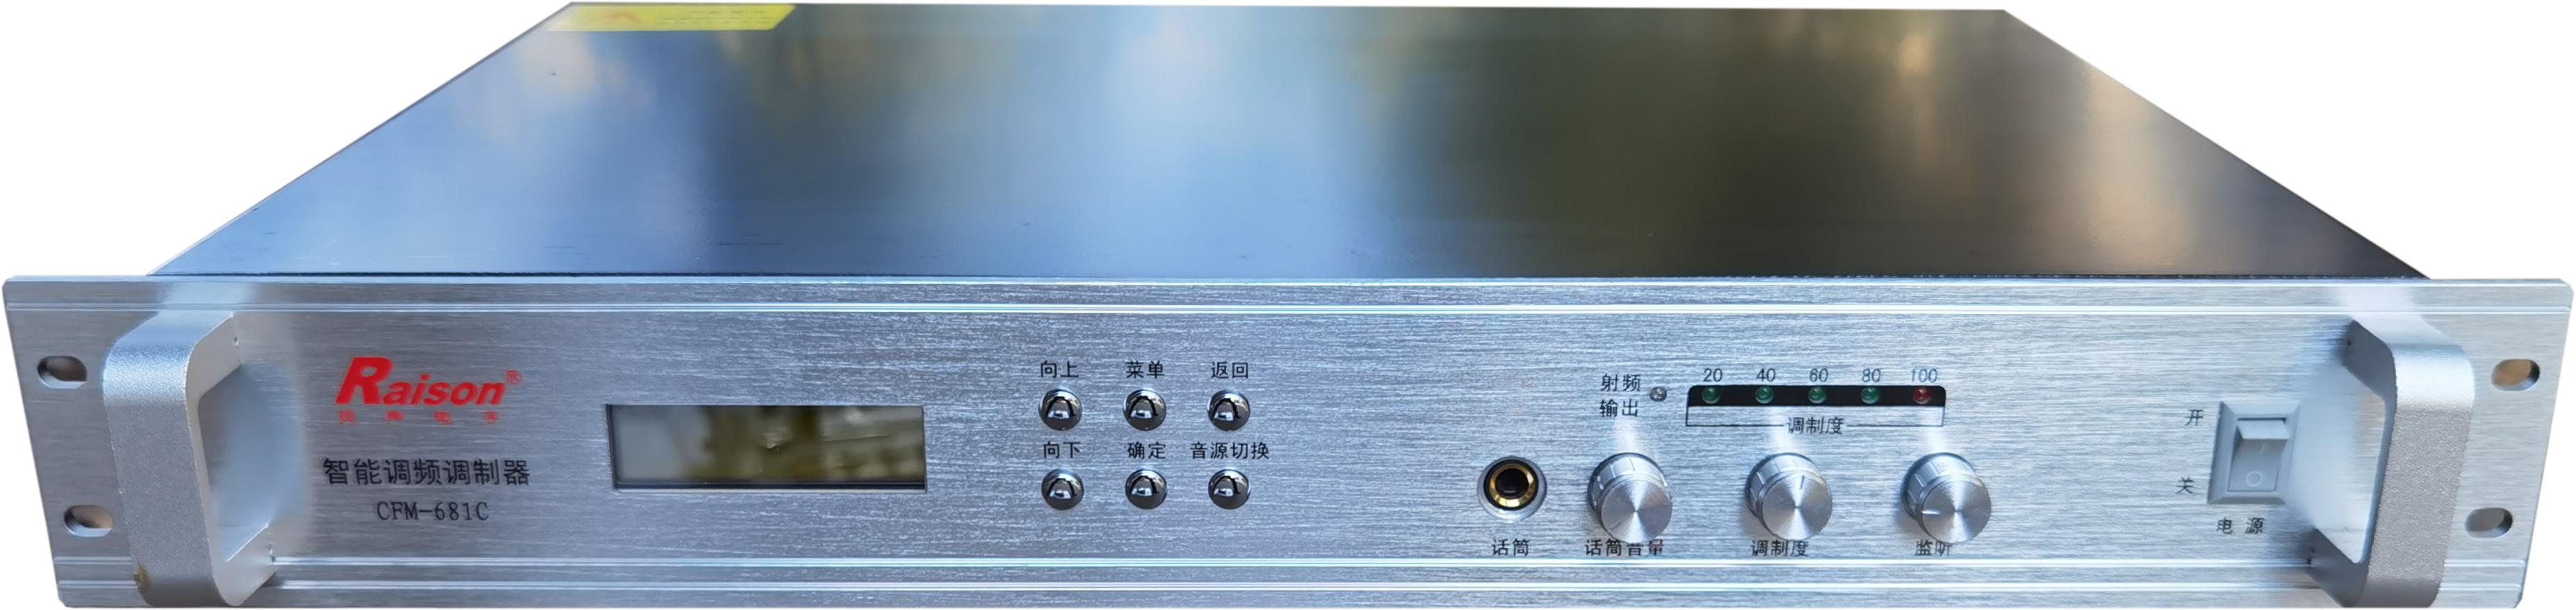 CFM-681C